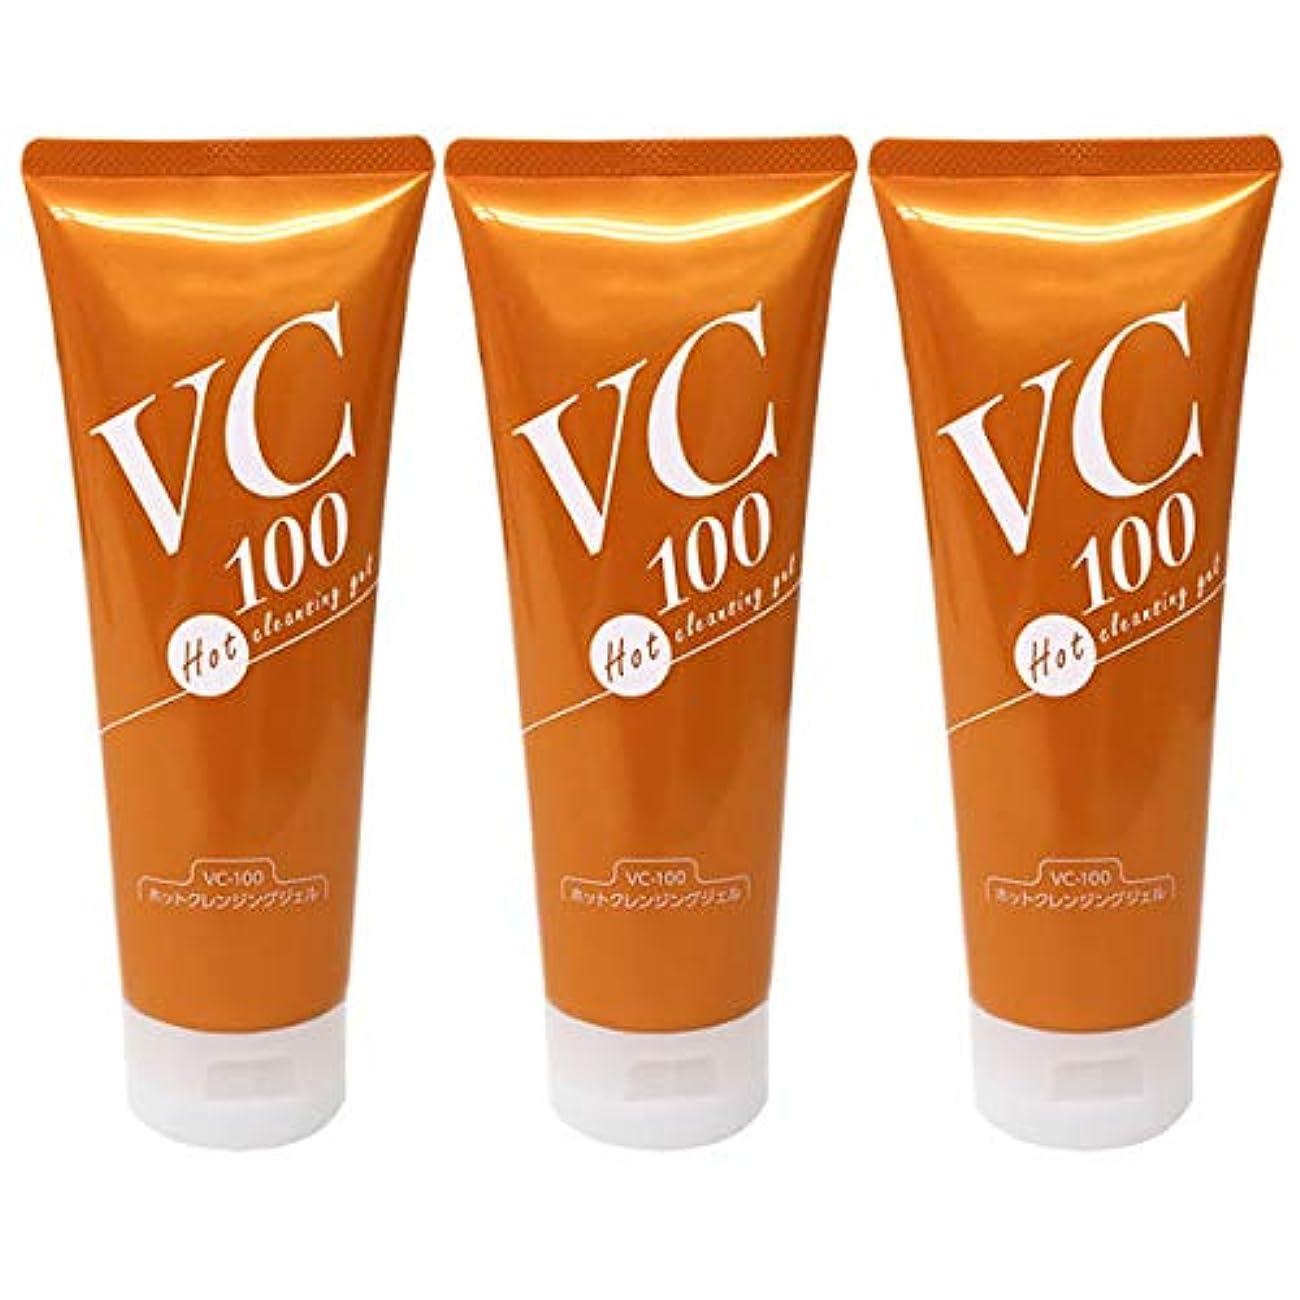 気絶させるクラシック支出VC-100ホットクレンジングジェル200g 高浸透型ビタミンC誘導体配合温感クレンジングジェル (3本セット)